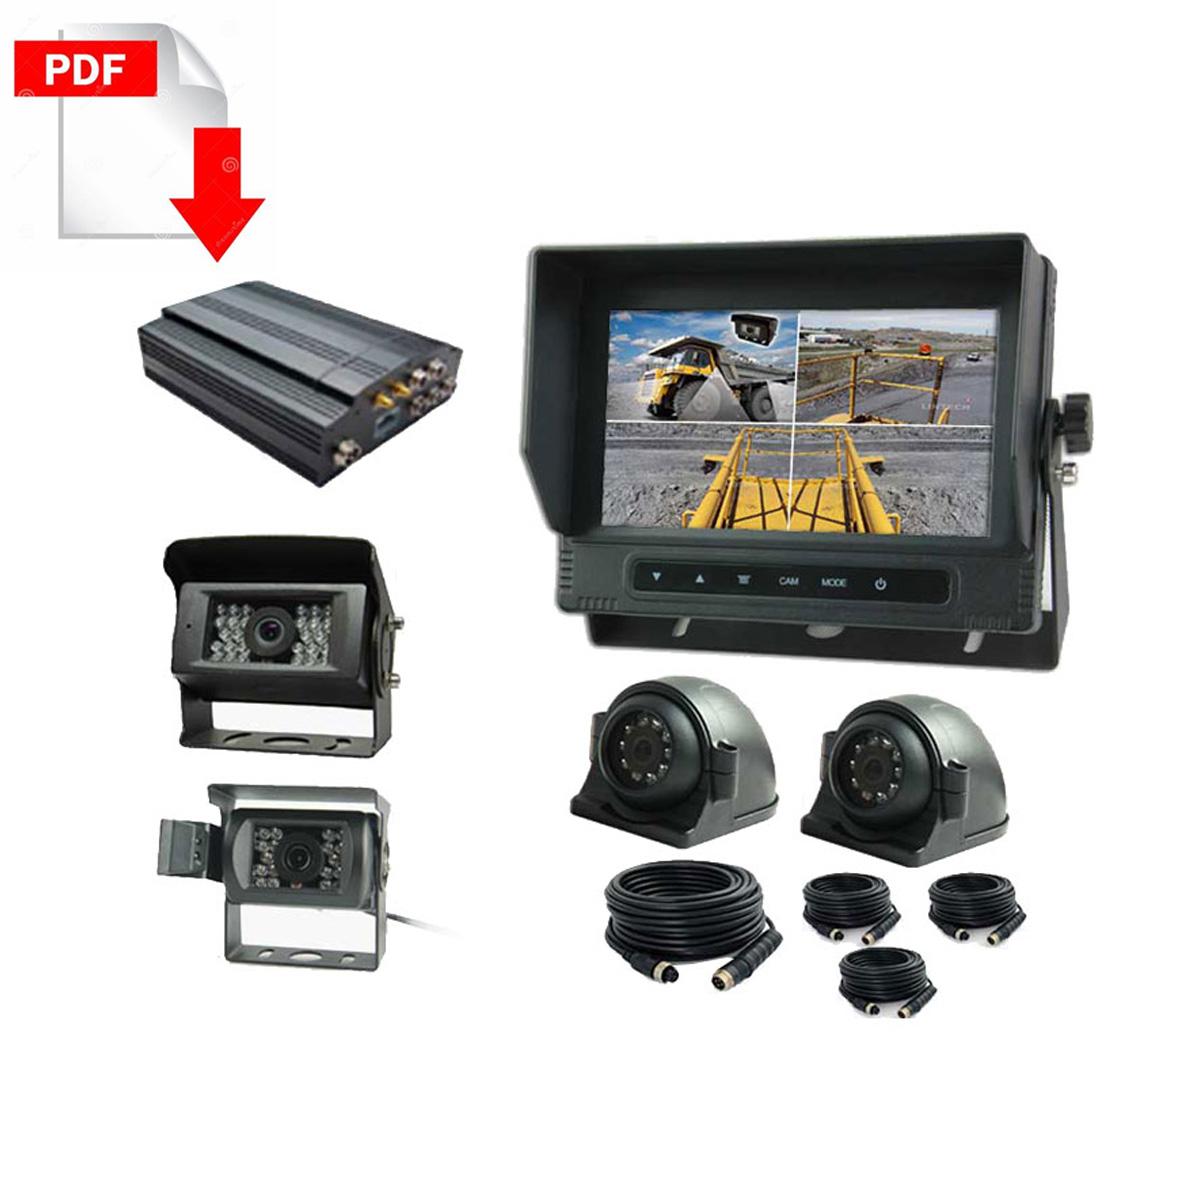 DVR-CCTV camera-recorder-system for Mining trucks